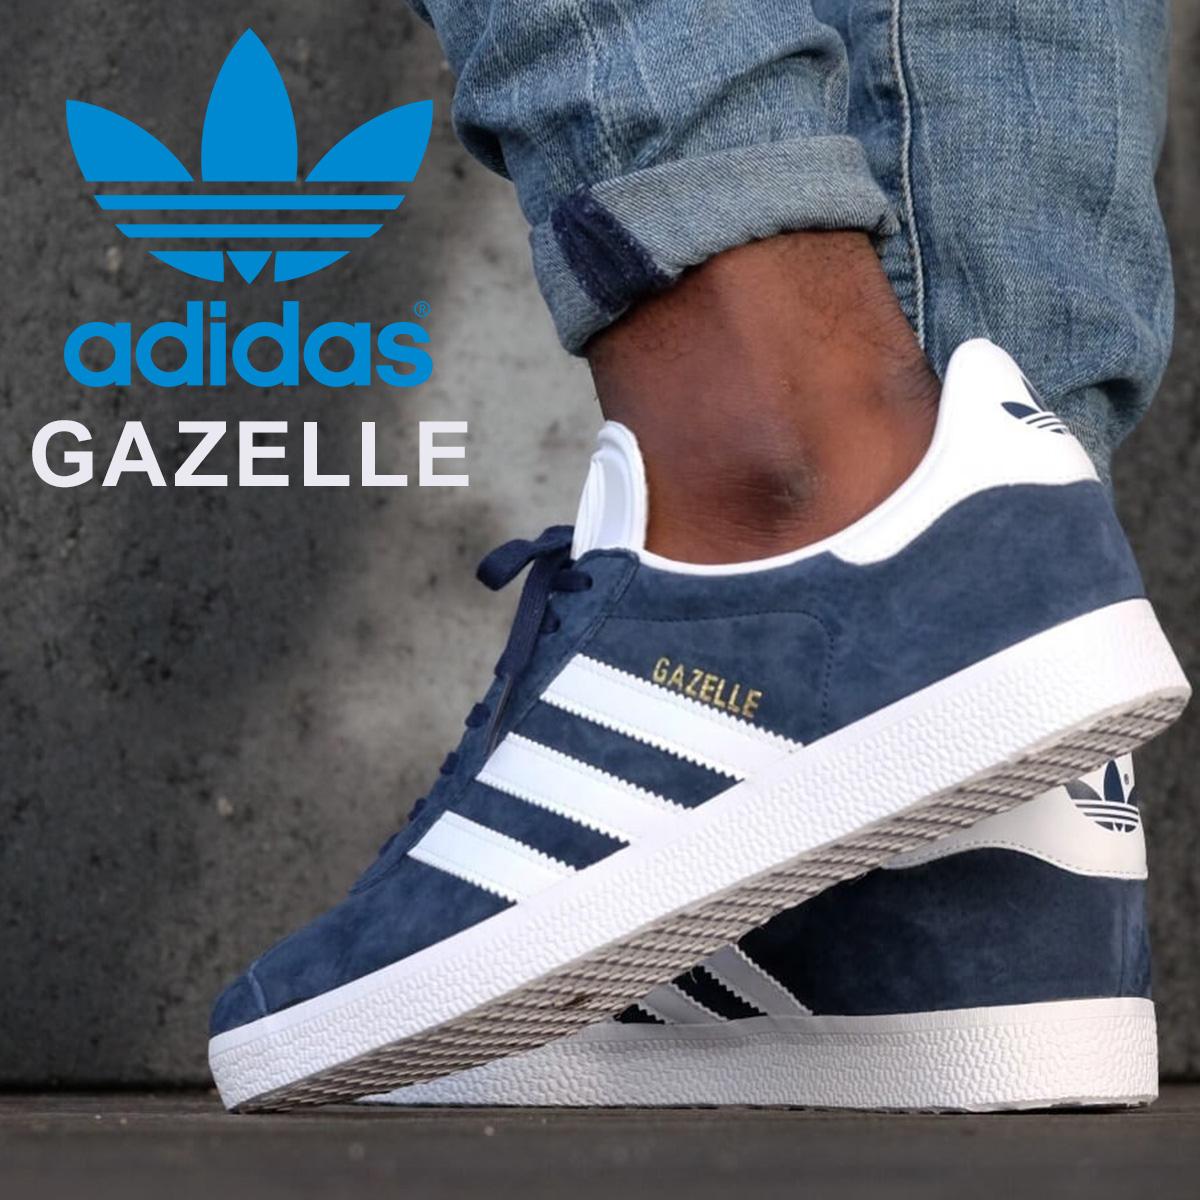 adidas gazelle 26